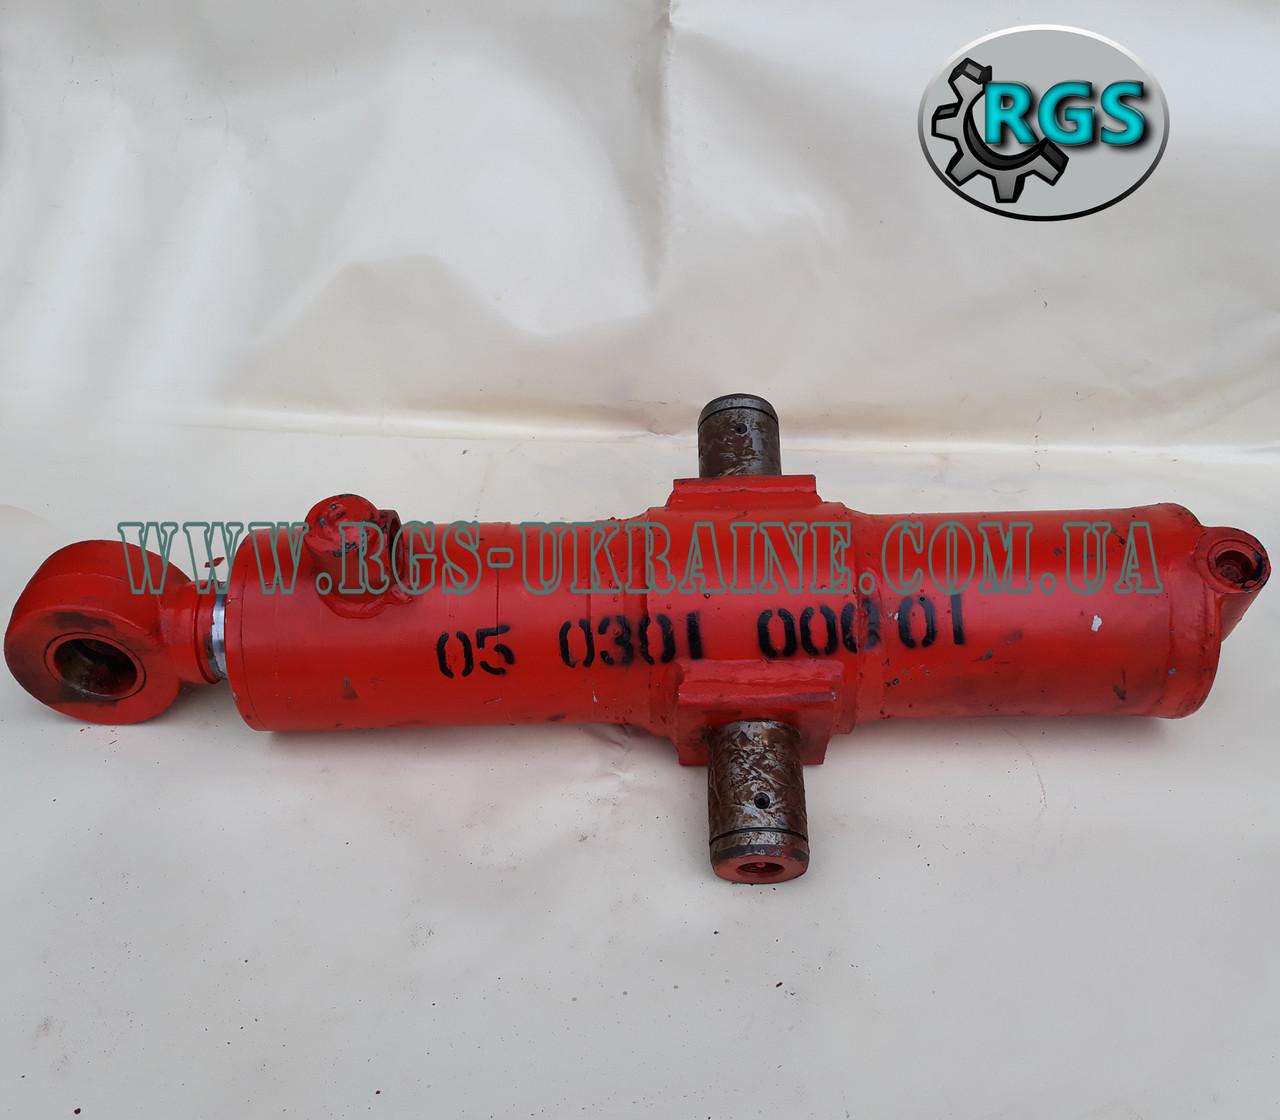 Гидроцилиндр ковша 05.0301.000-01